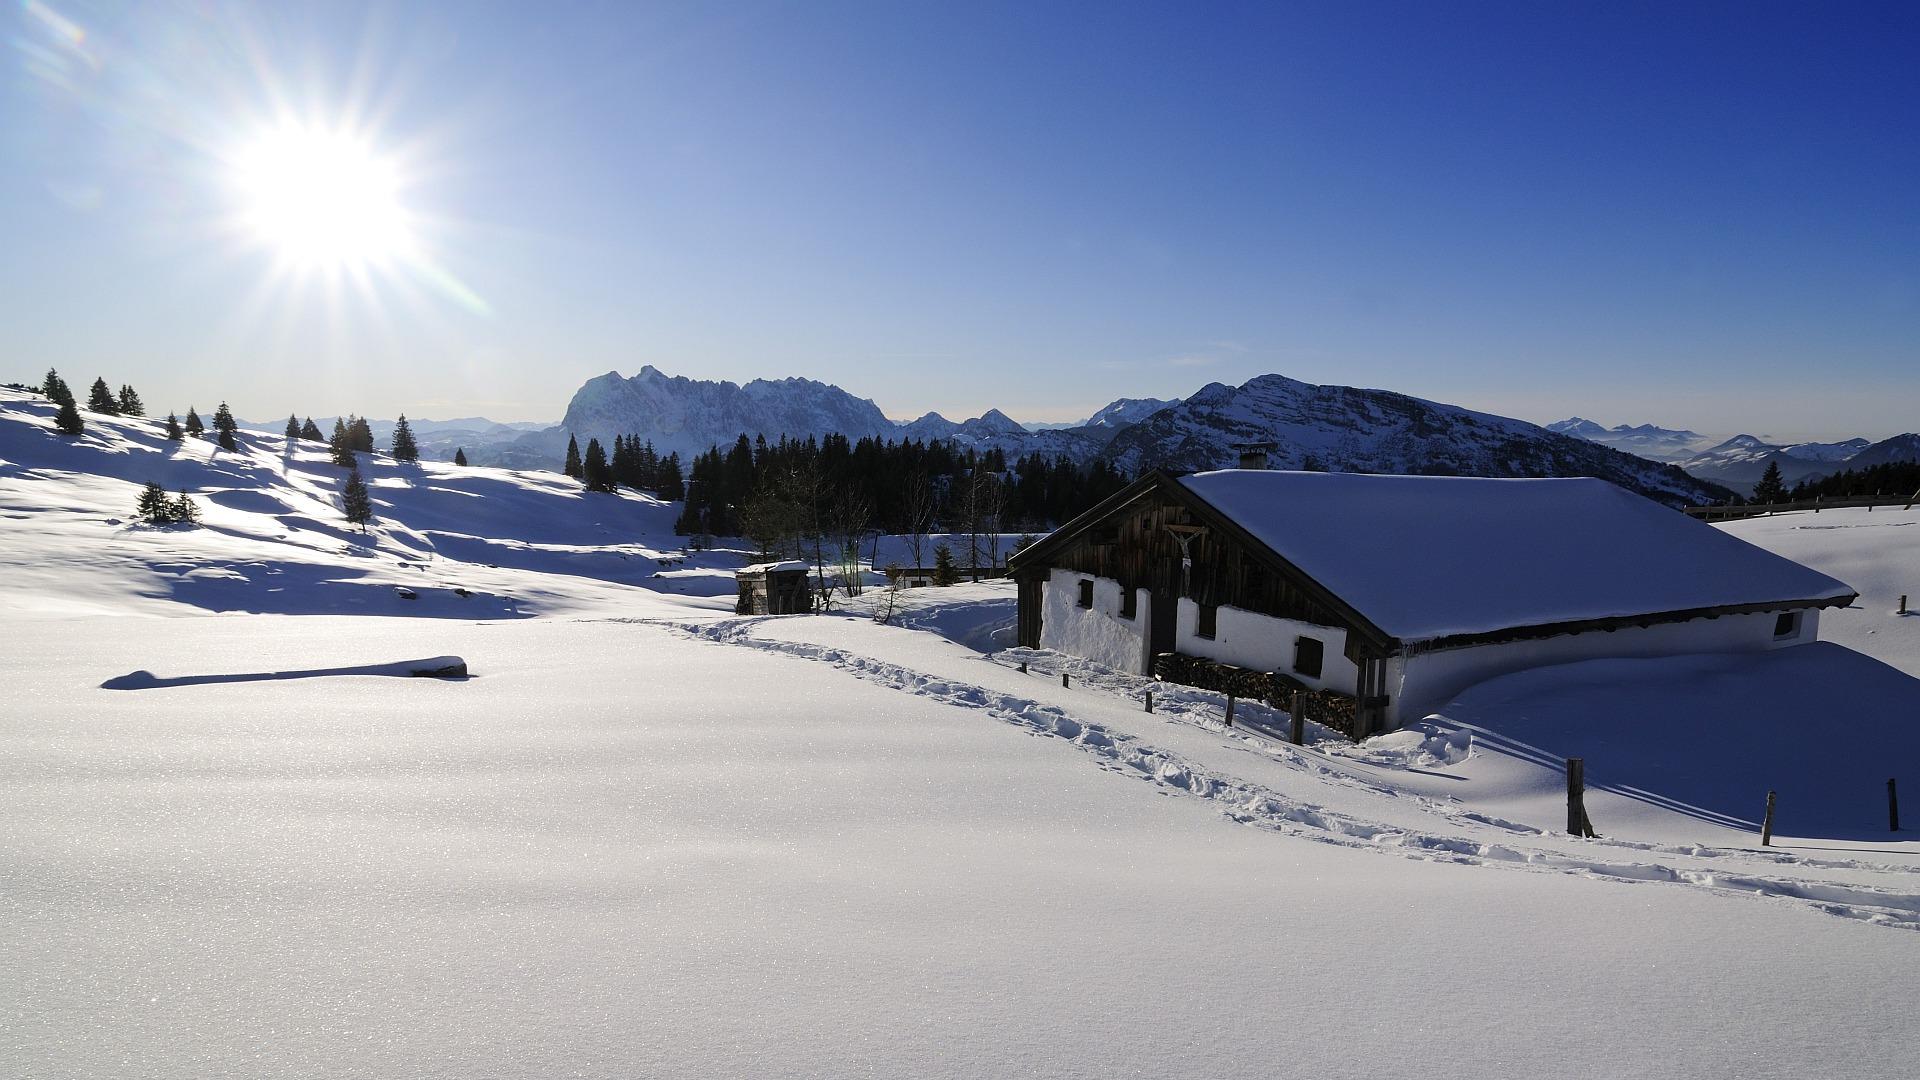 Schneeschuhlaufen, Hemmersuppenalm, Reit im Winkl, Bayern, Deutschland, Model Released